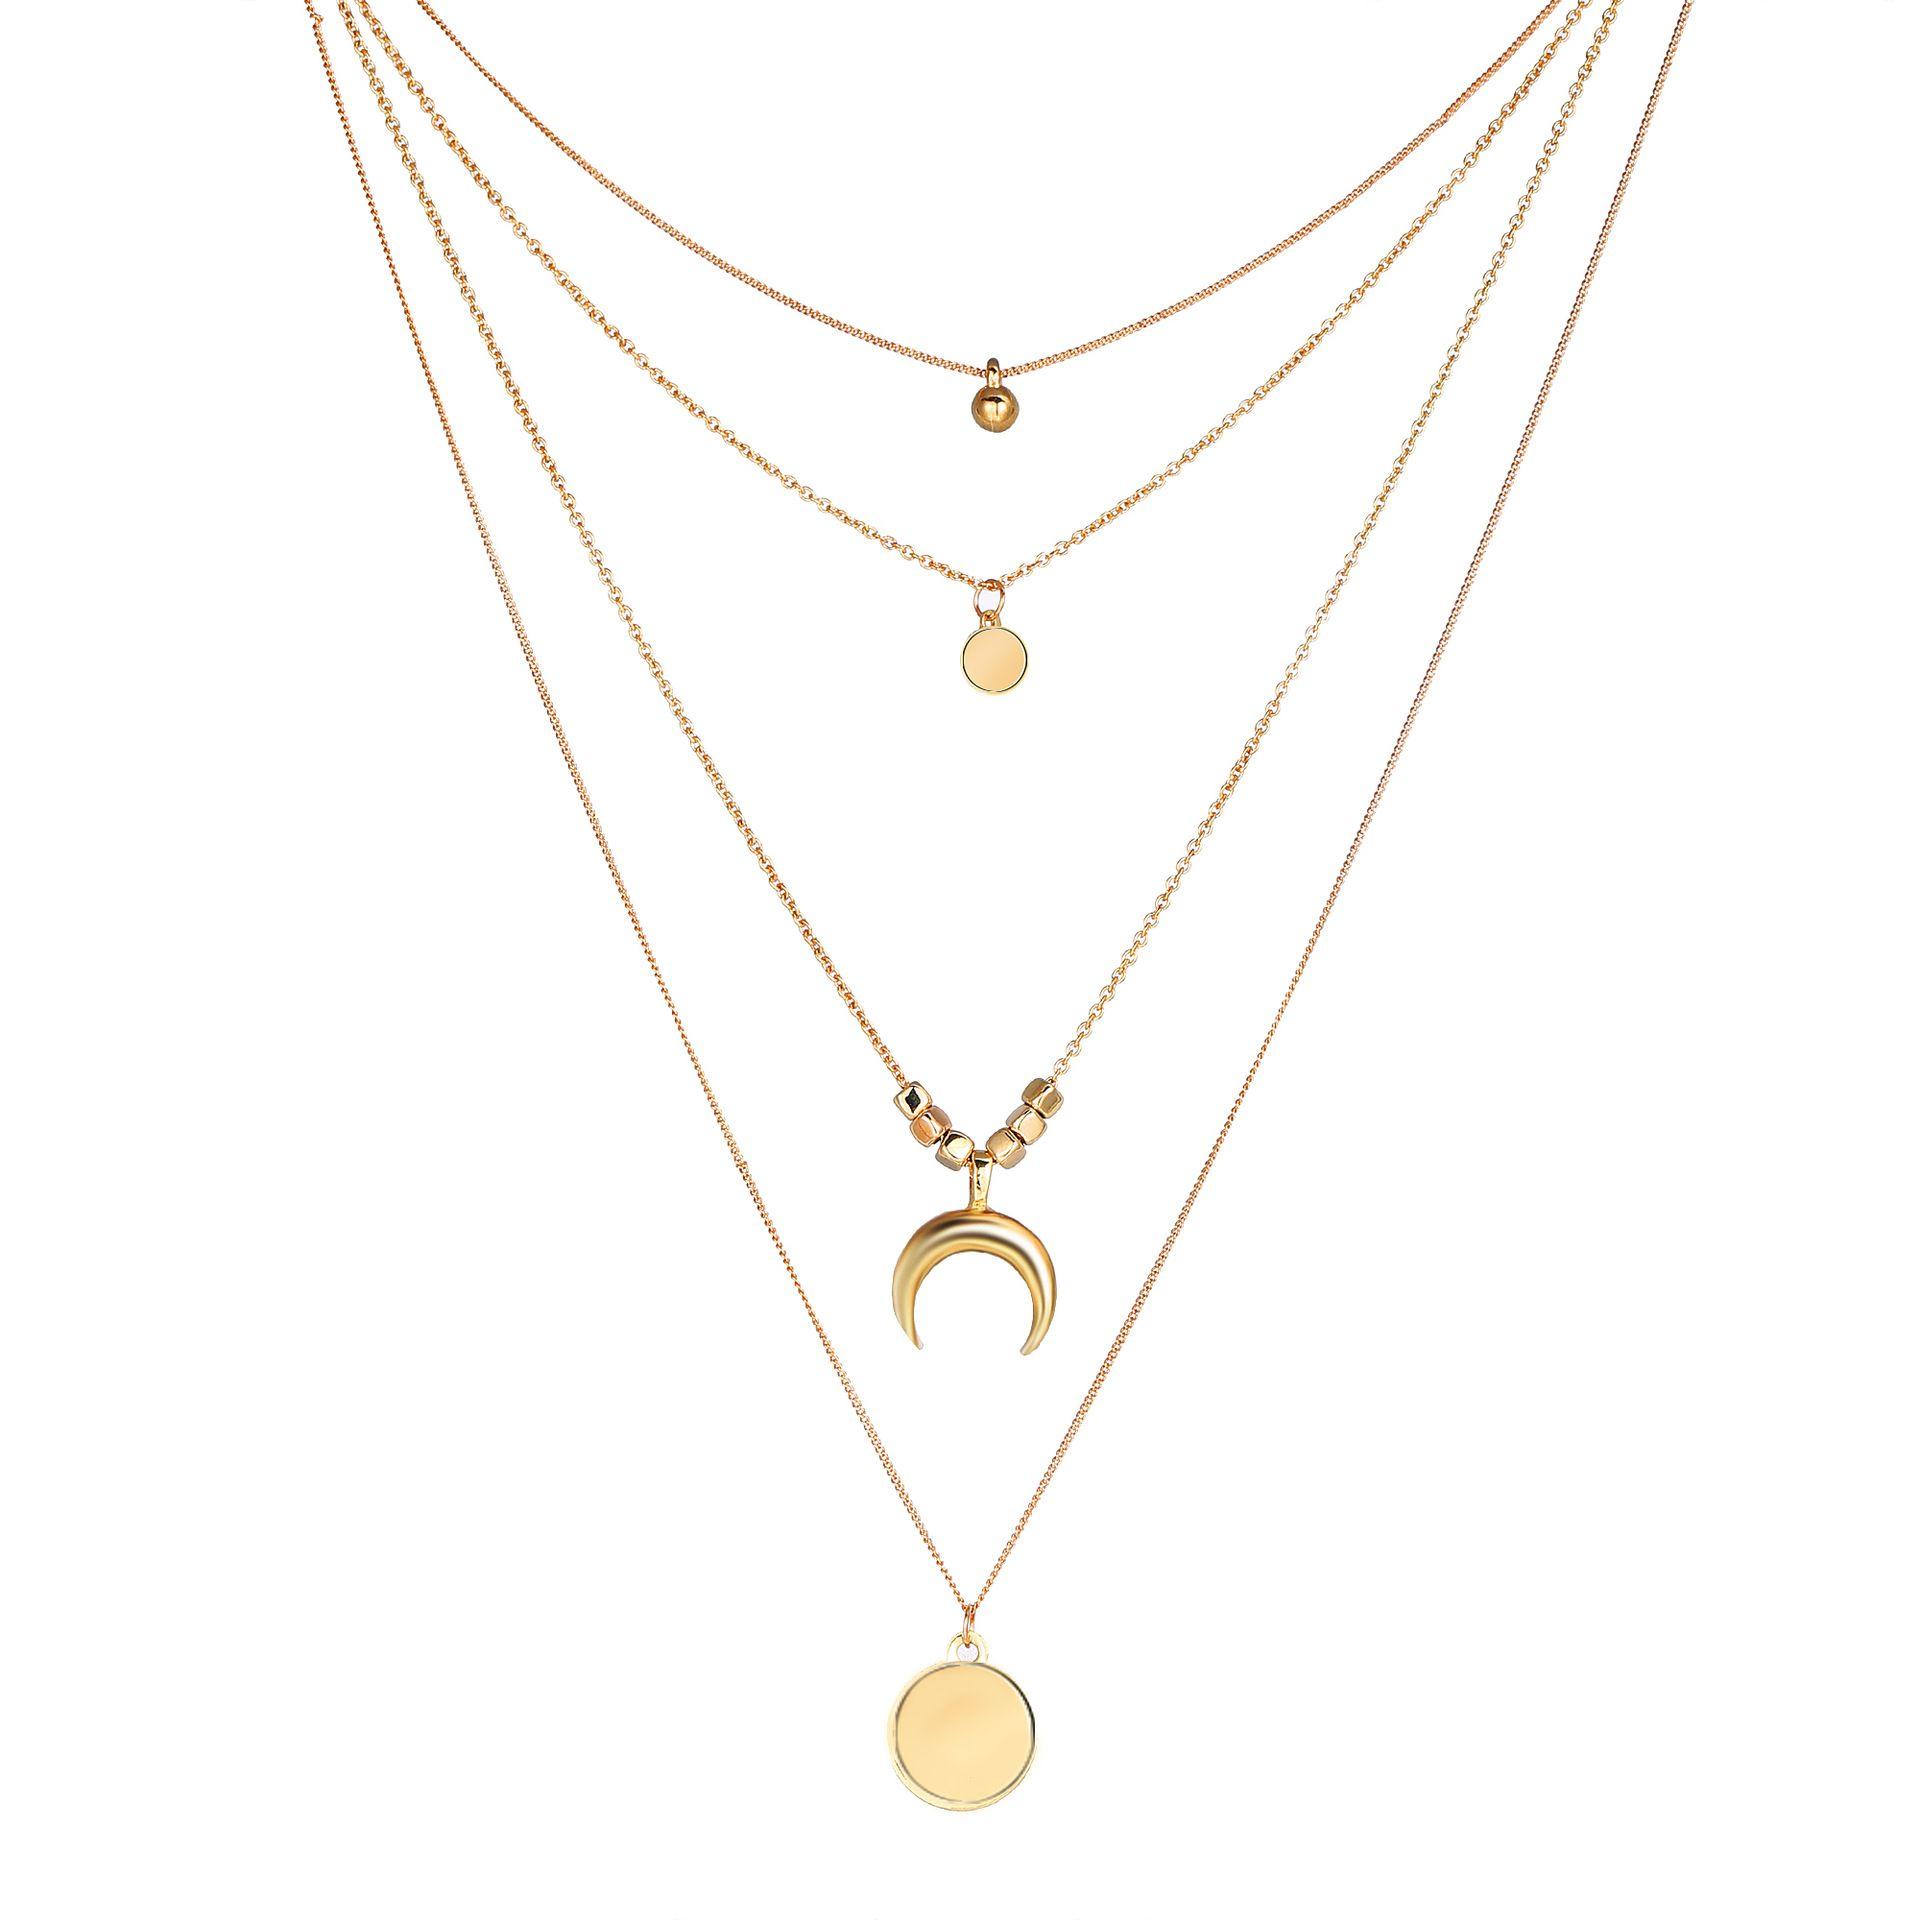 Чешские ювелирные изделия 2019 Ожерелье для женщин мода Золотой цвет медальон ожерелье несколько слоев кулон длинные ожерелья женский Оптовая